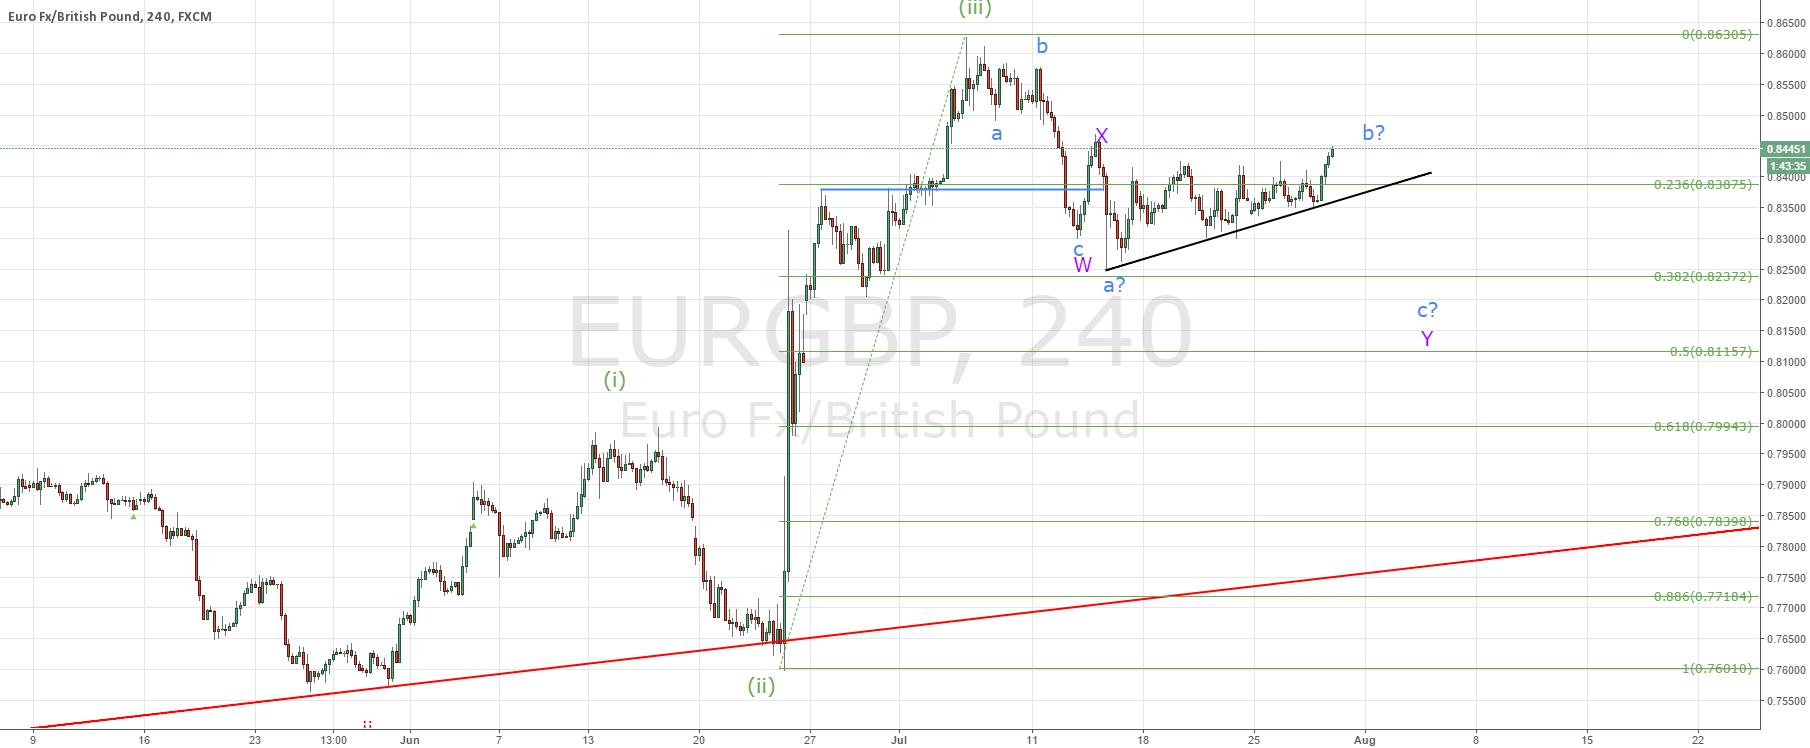 EURGBP my ideal trade scenario